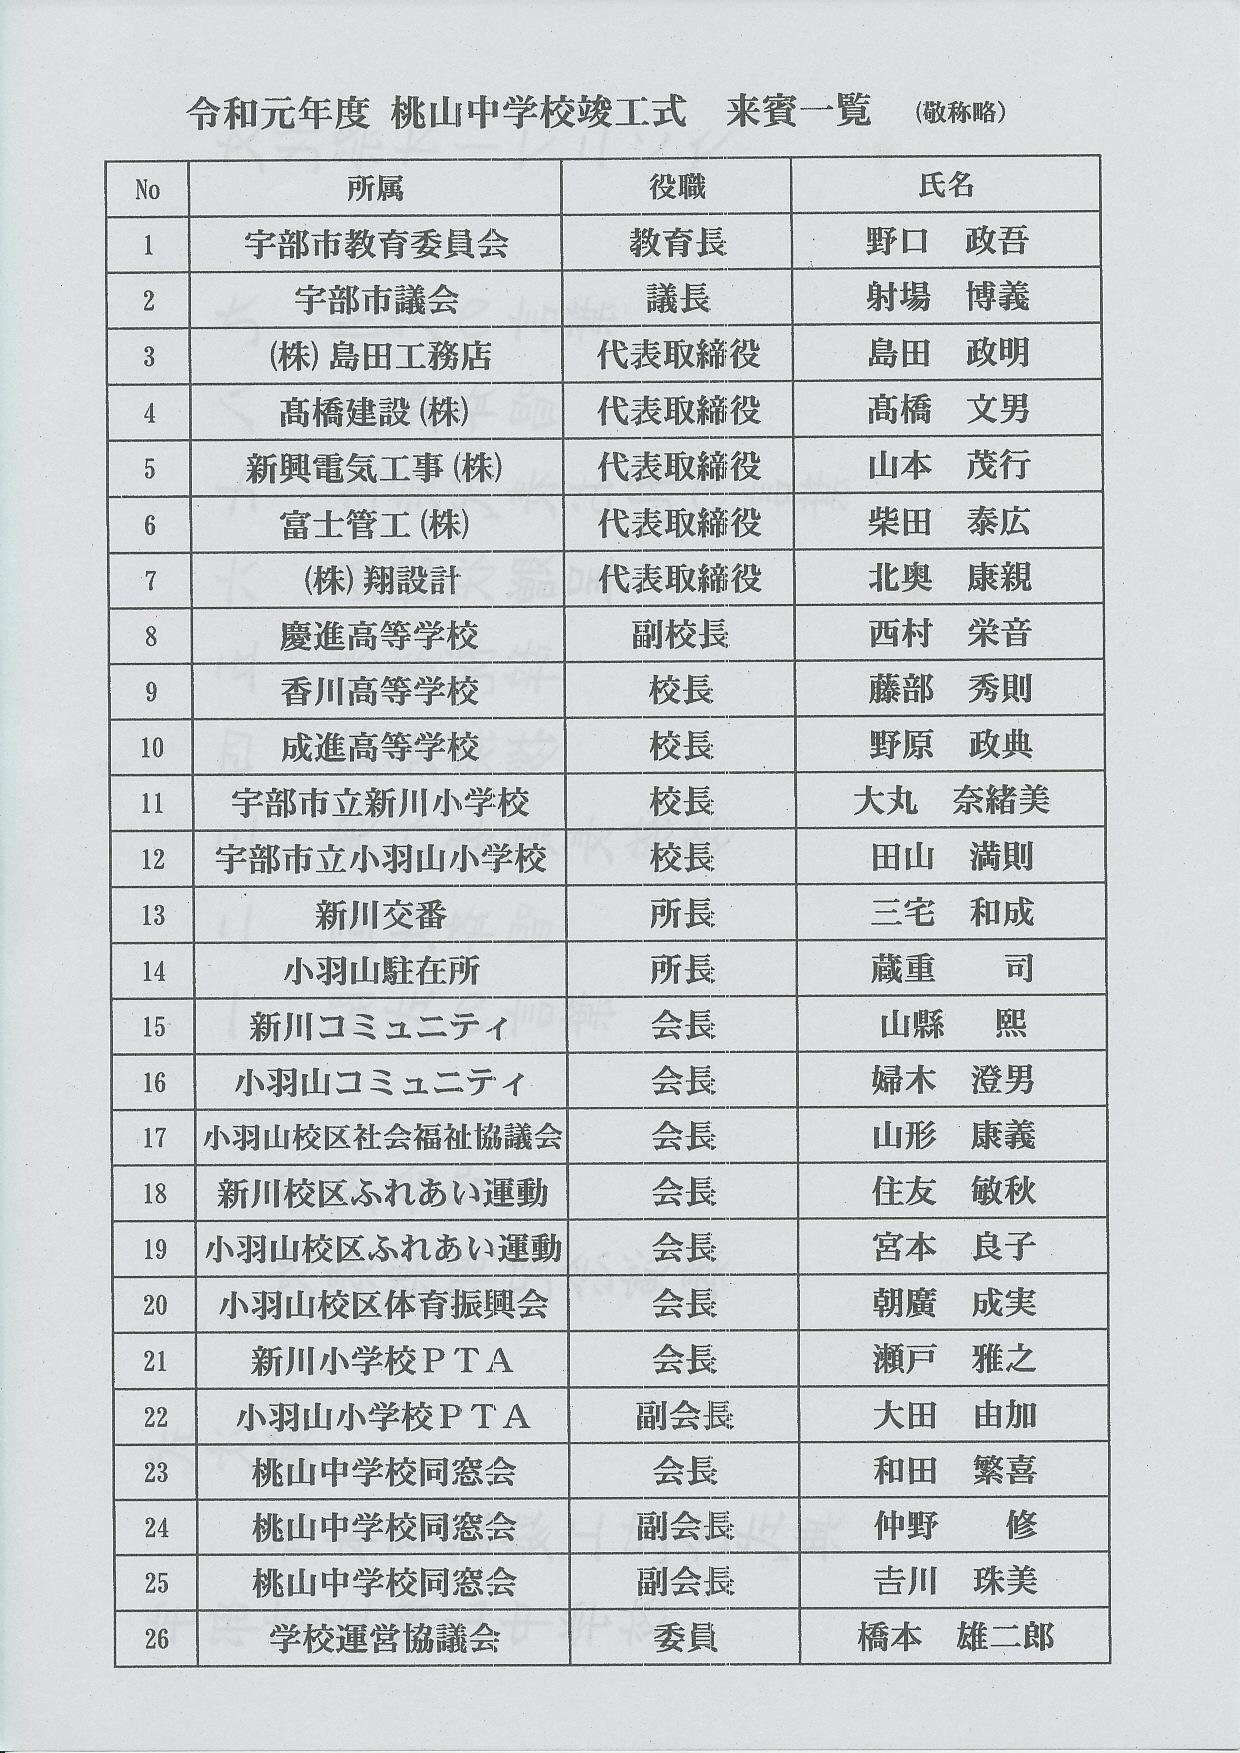 20191027 宇部市立桃山中学校 新体育館竣工記念式典 2